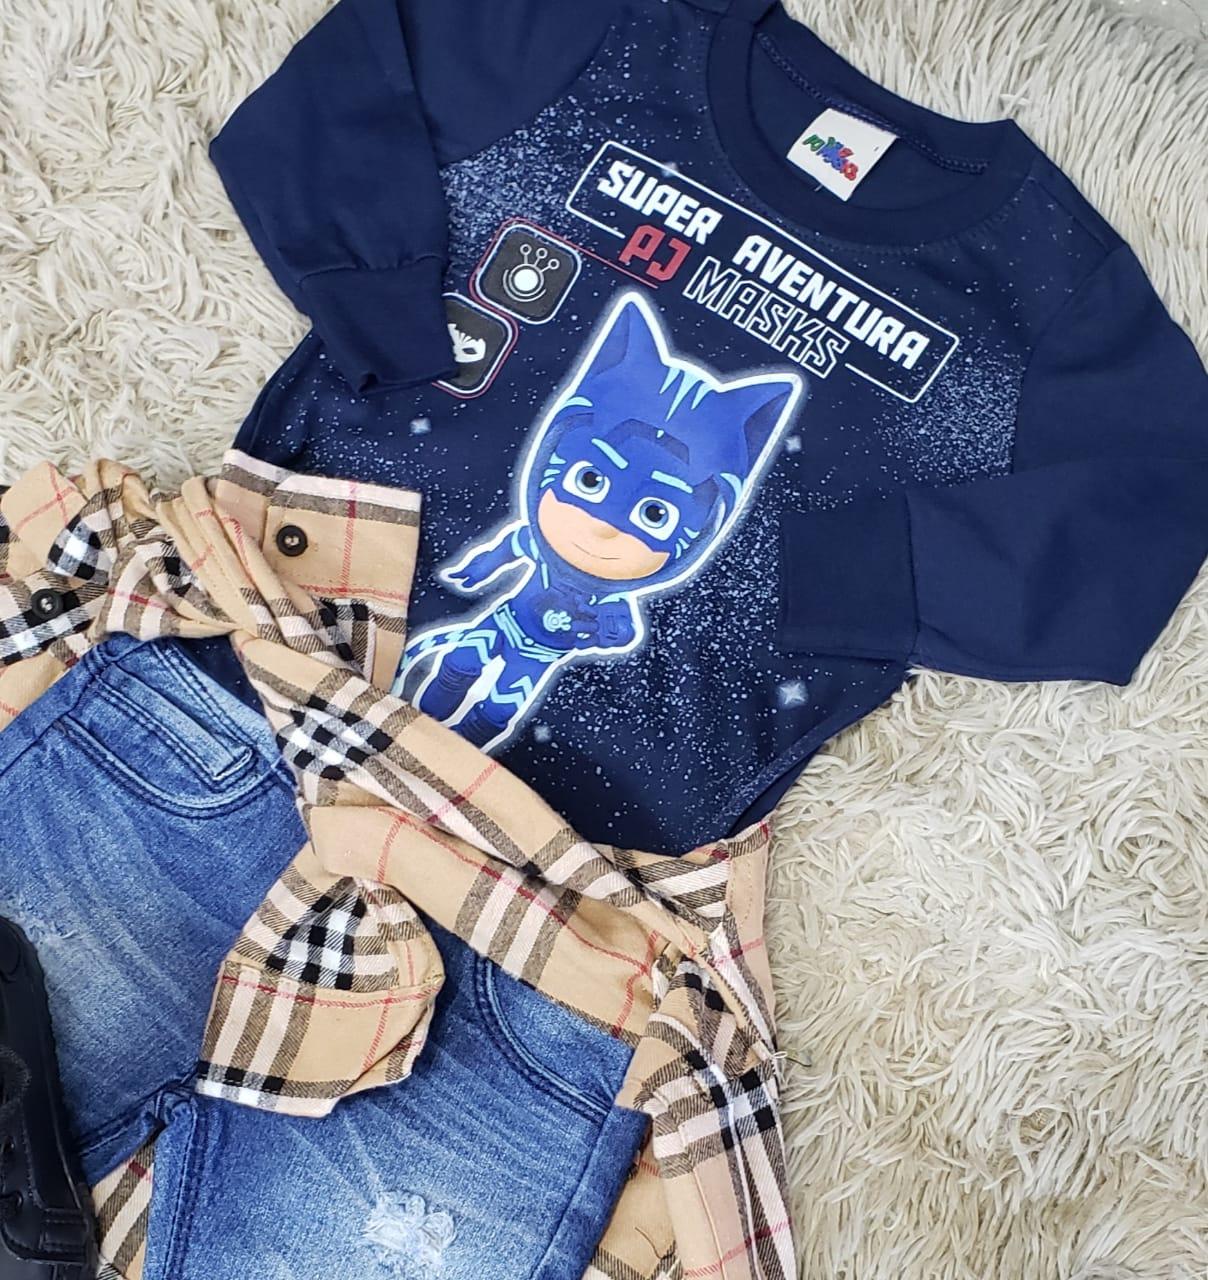 Calça Jeans com Camiseta PJ Masks e Camisa Xadrez